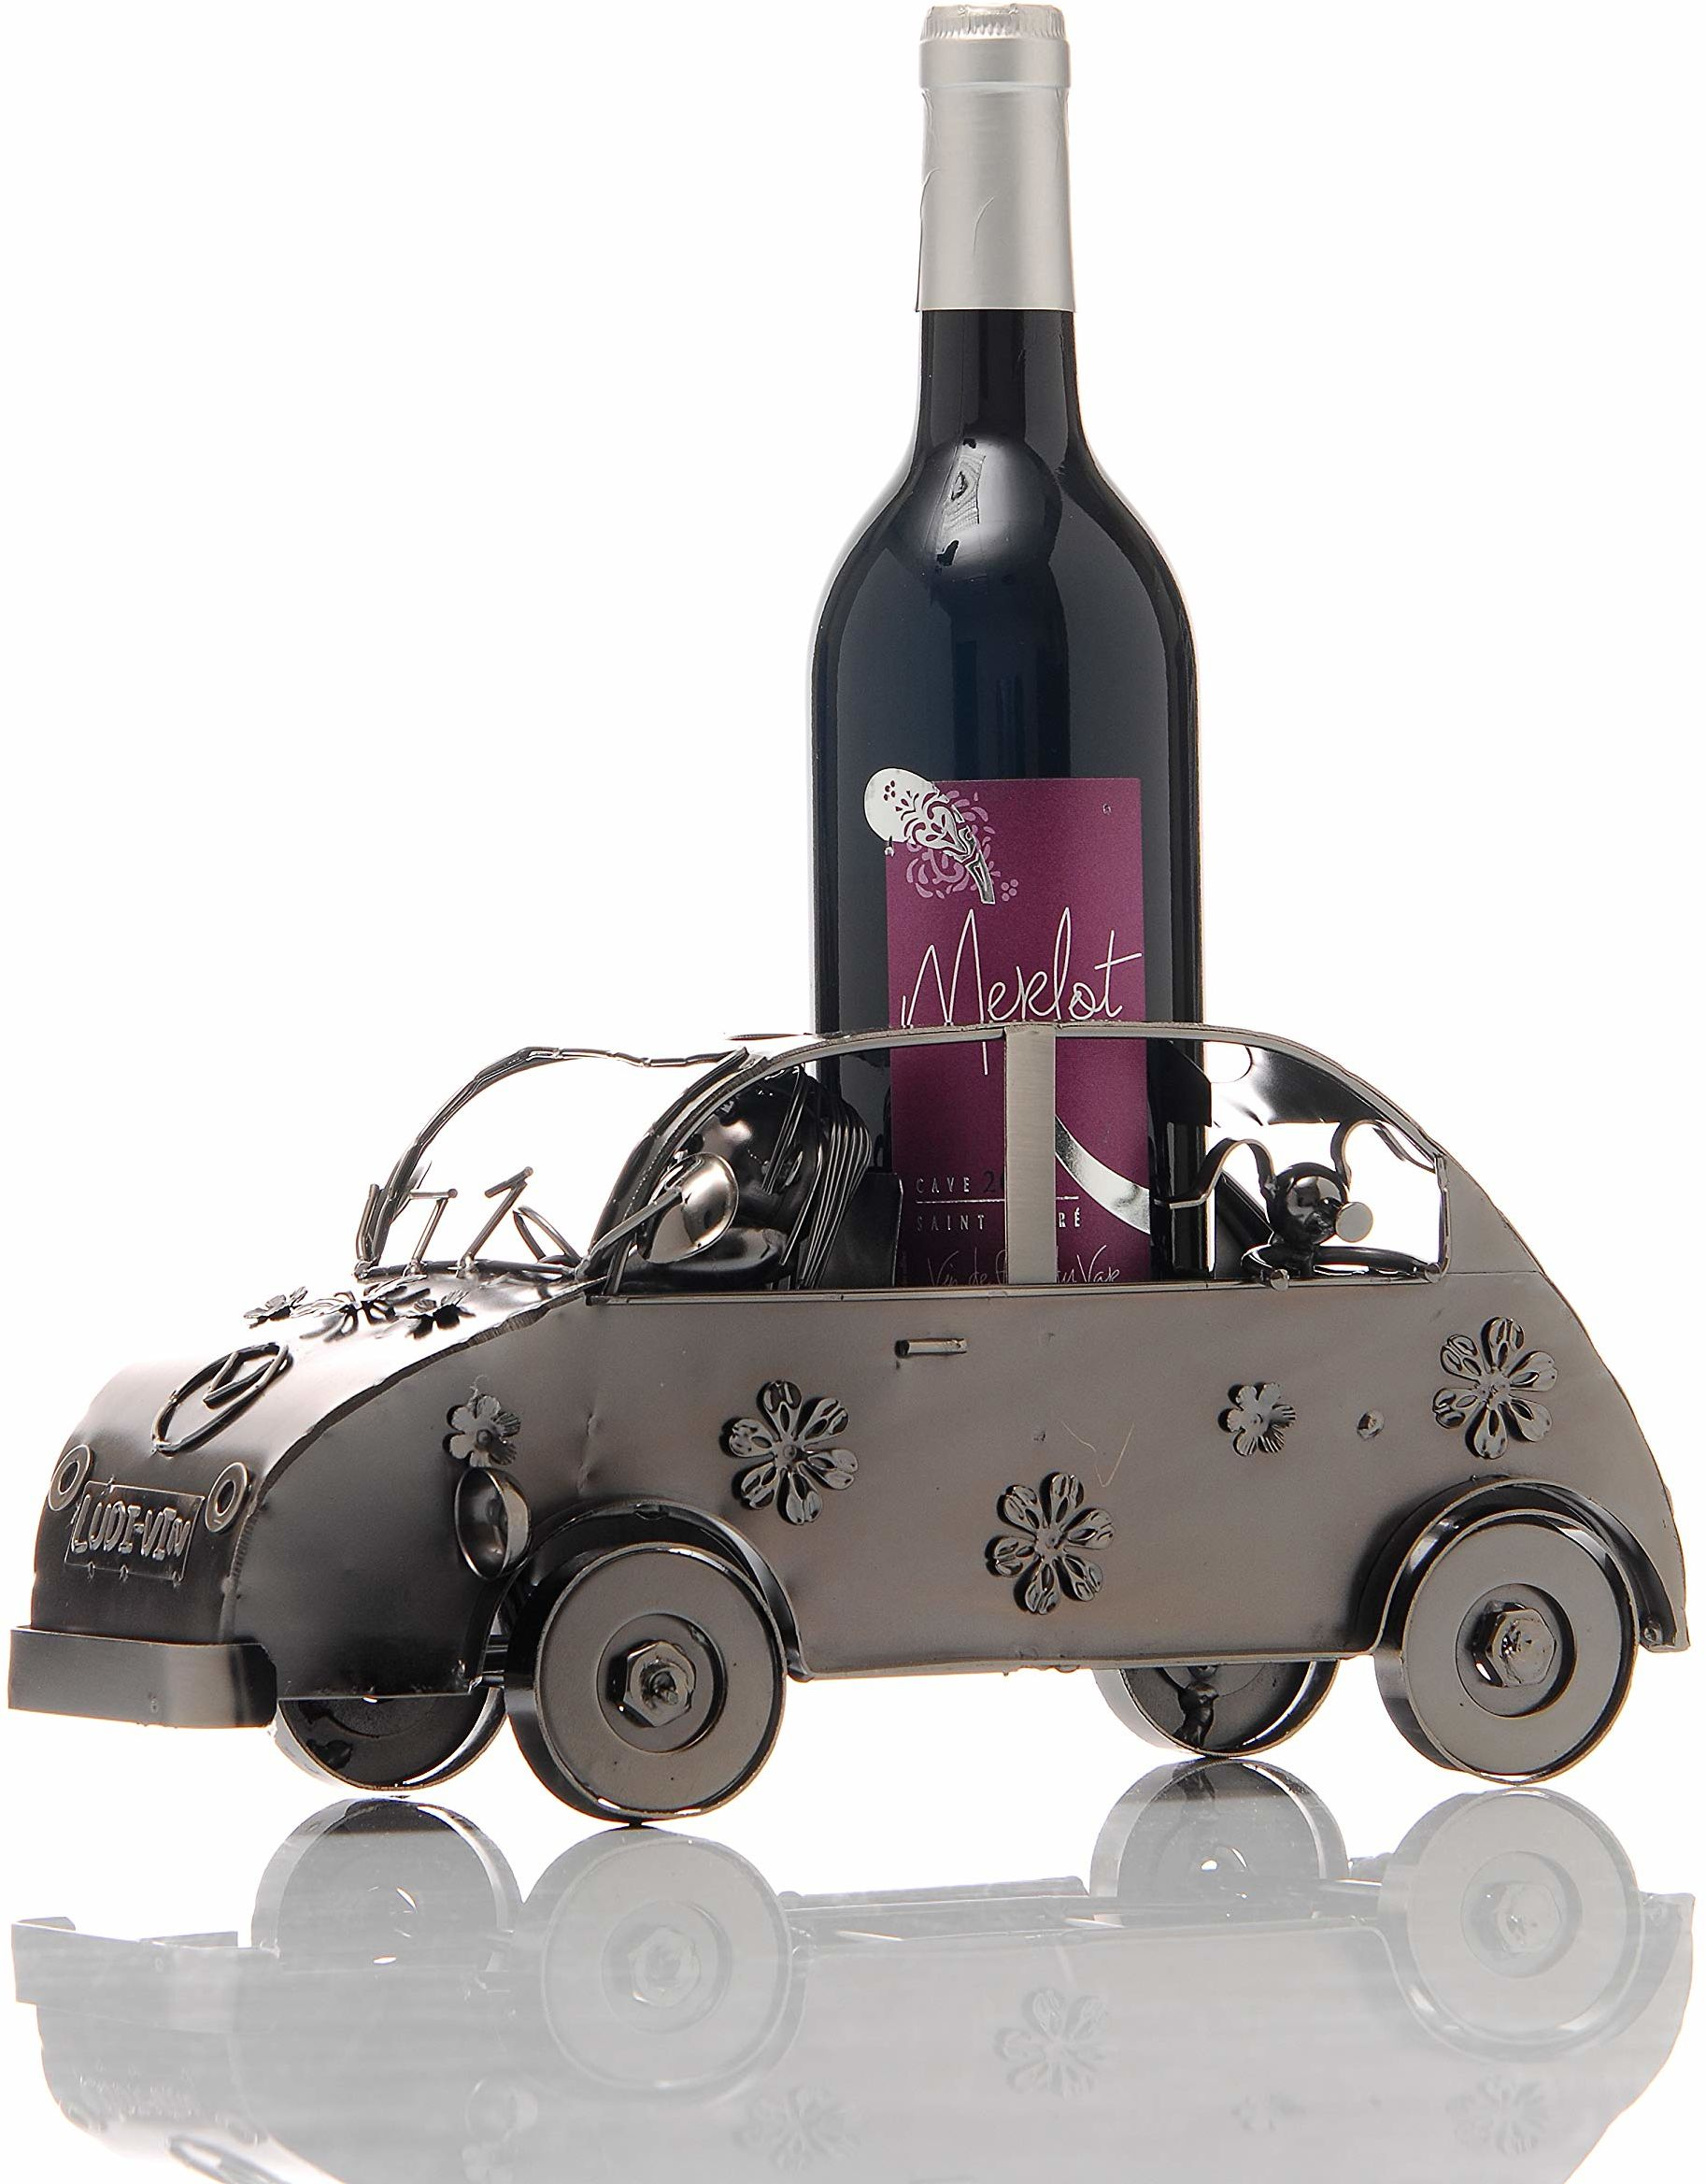 ludi-vin 5060388470494 metalowy uchwyt na butelki 30 x 11,2 x 14,6 cm